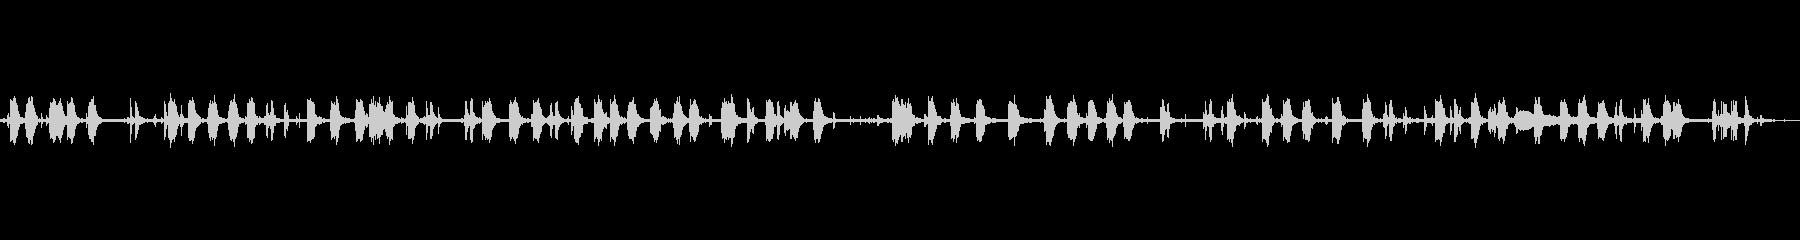 タイピング;コンピューター、電気、...の未再生の波形